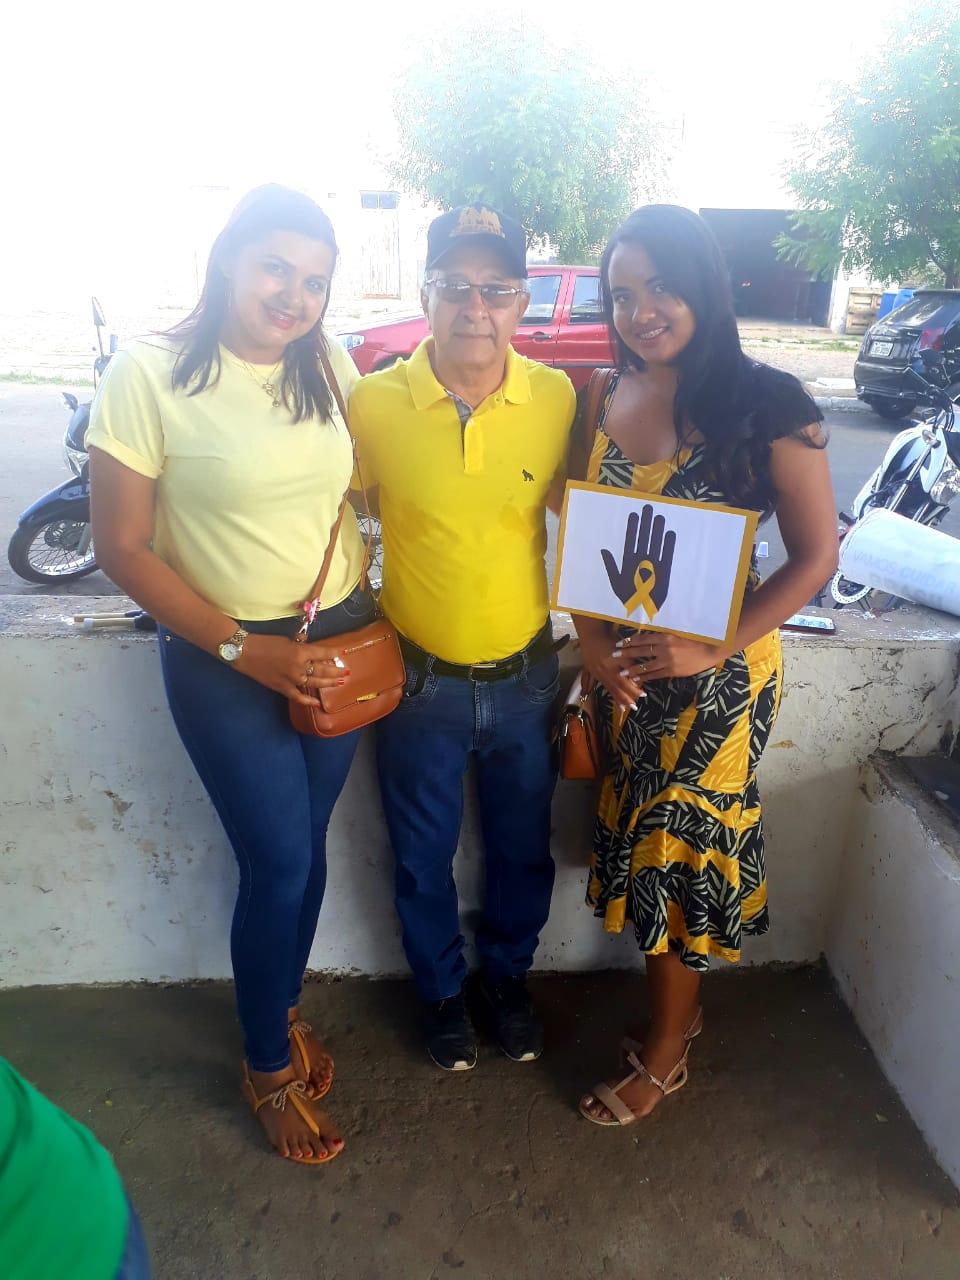 Prefeitura de Barro Duro realiza caminhada pela vida, no Setembro Amarelo - Imagem 23